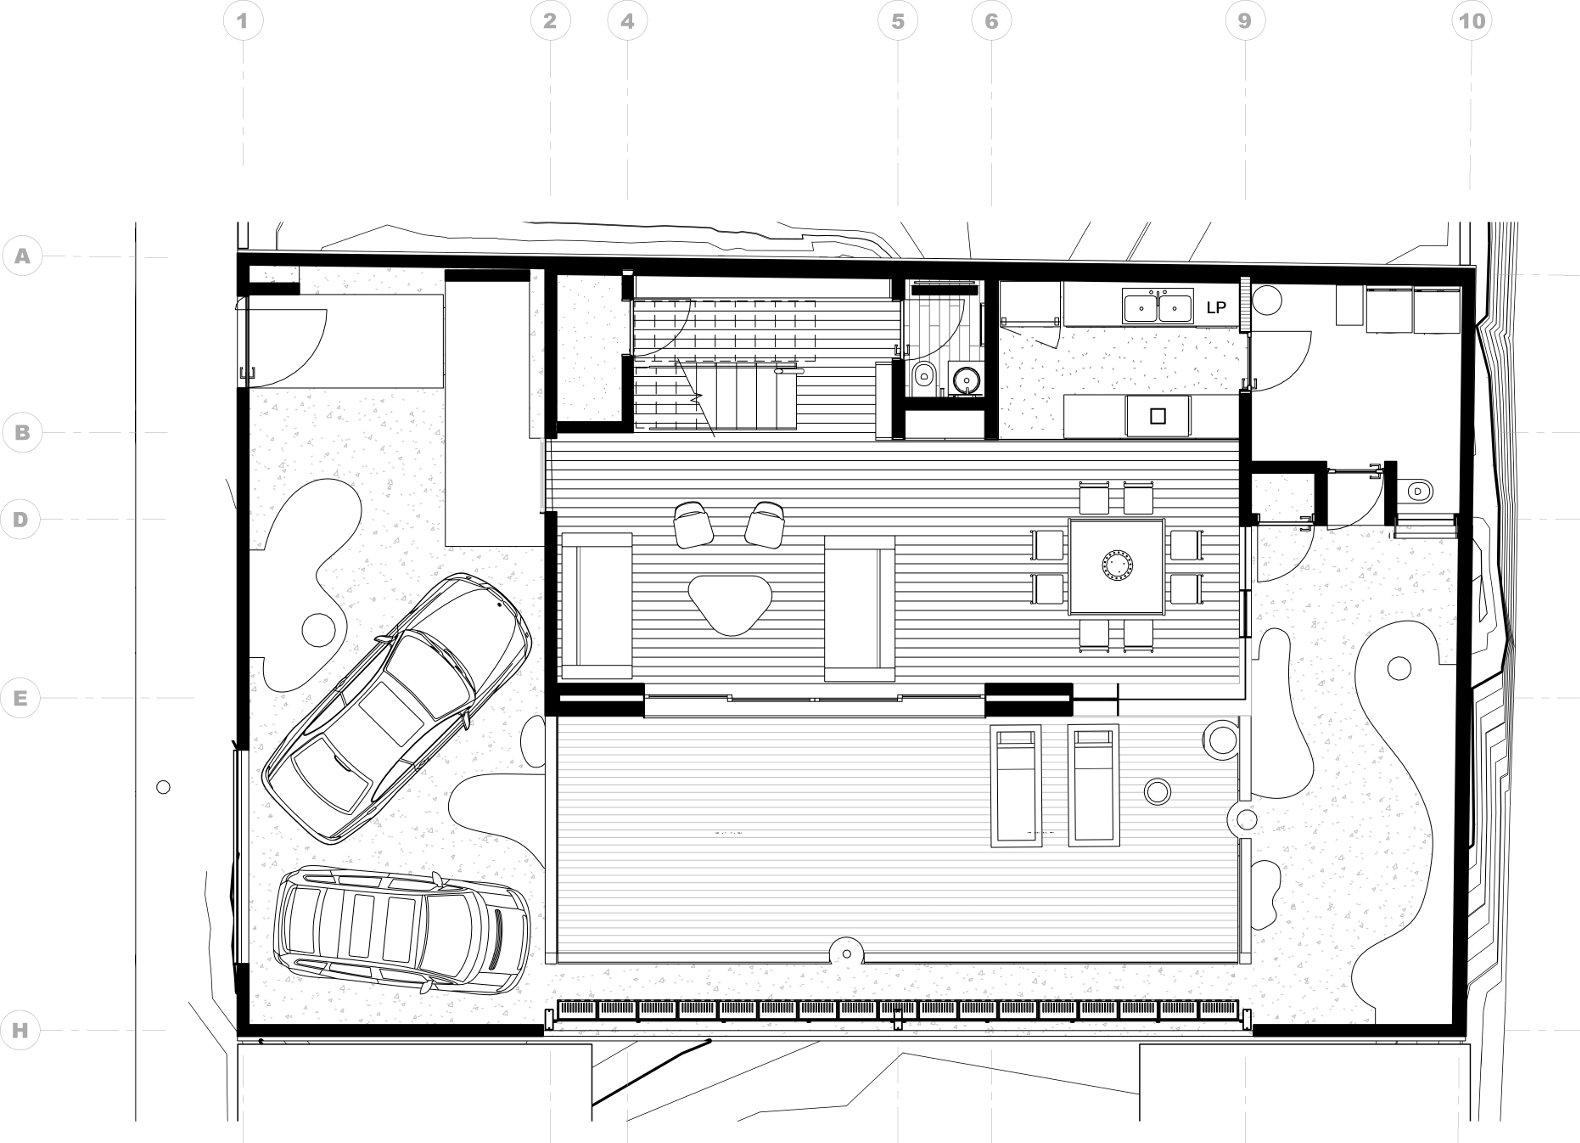 Paul Cremoux Casa Nirau floorplan 1?resize\=665%2C481\&ssl\=1 princecraft wiring diagram wiring diagram shrutiradio 2004 princecraft speedometer wiring diagram at nearapp.co